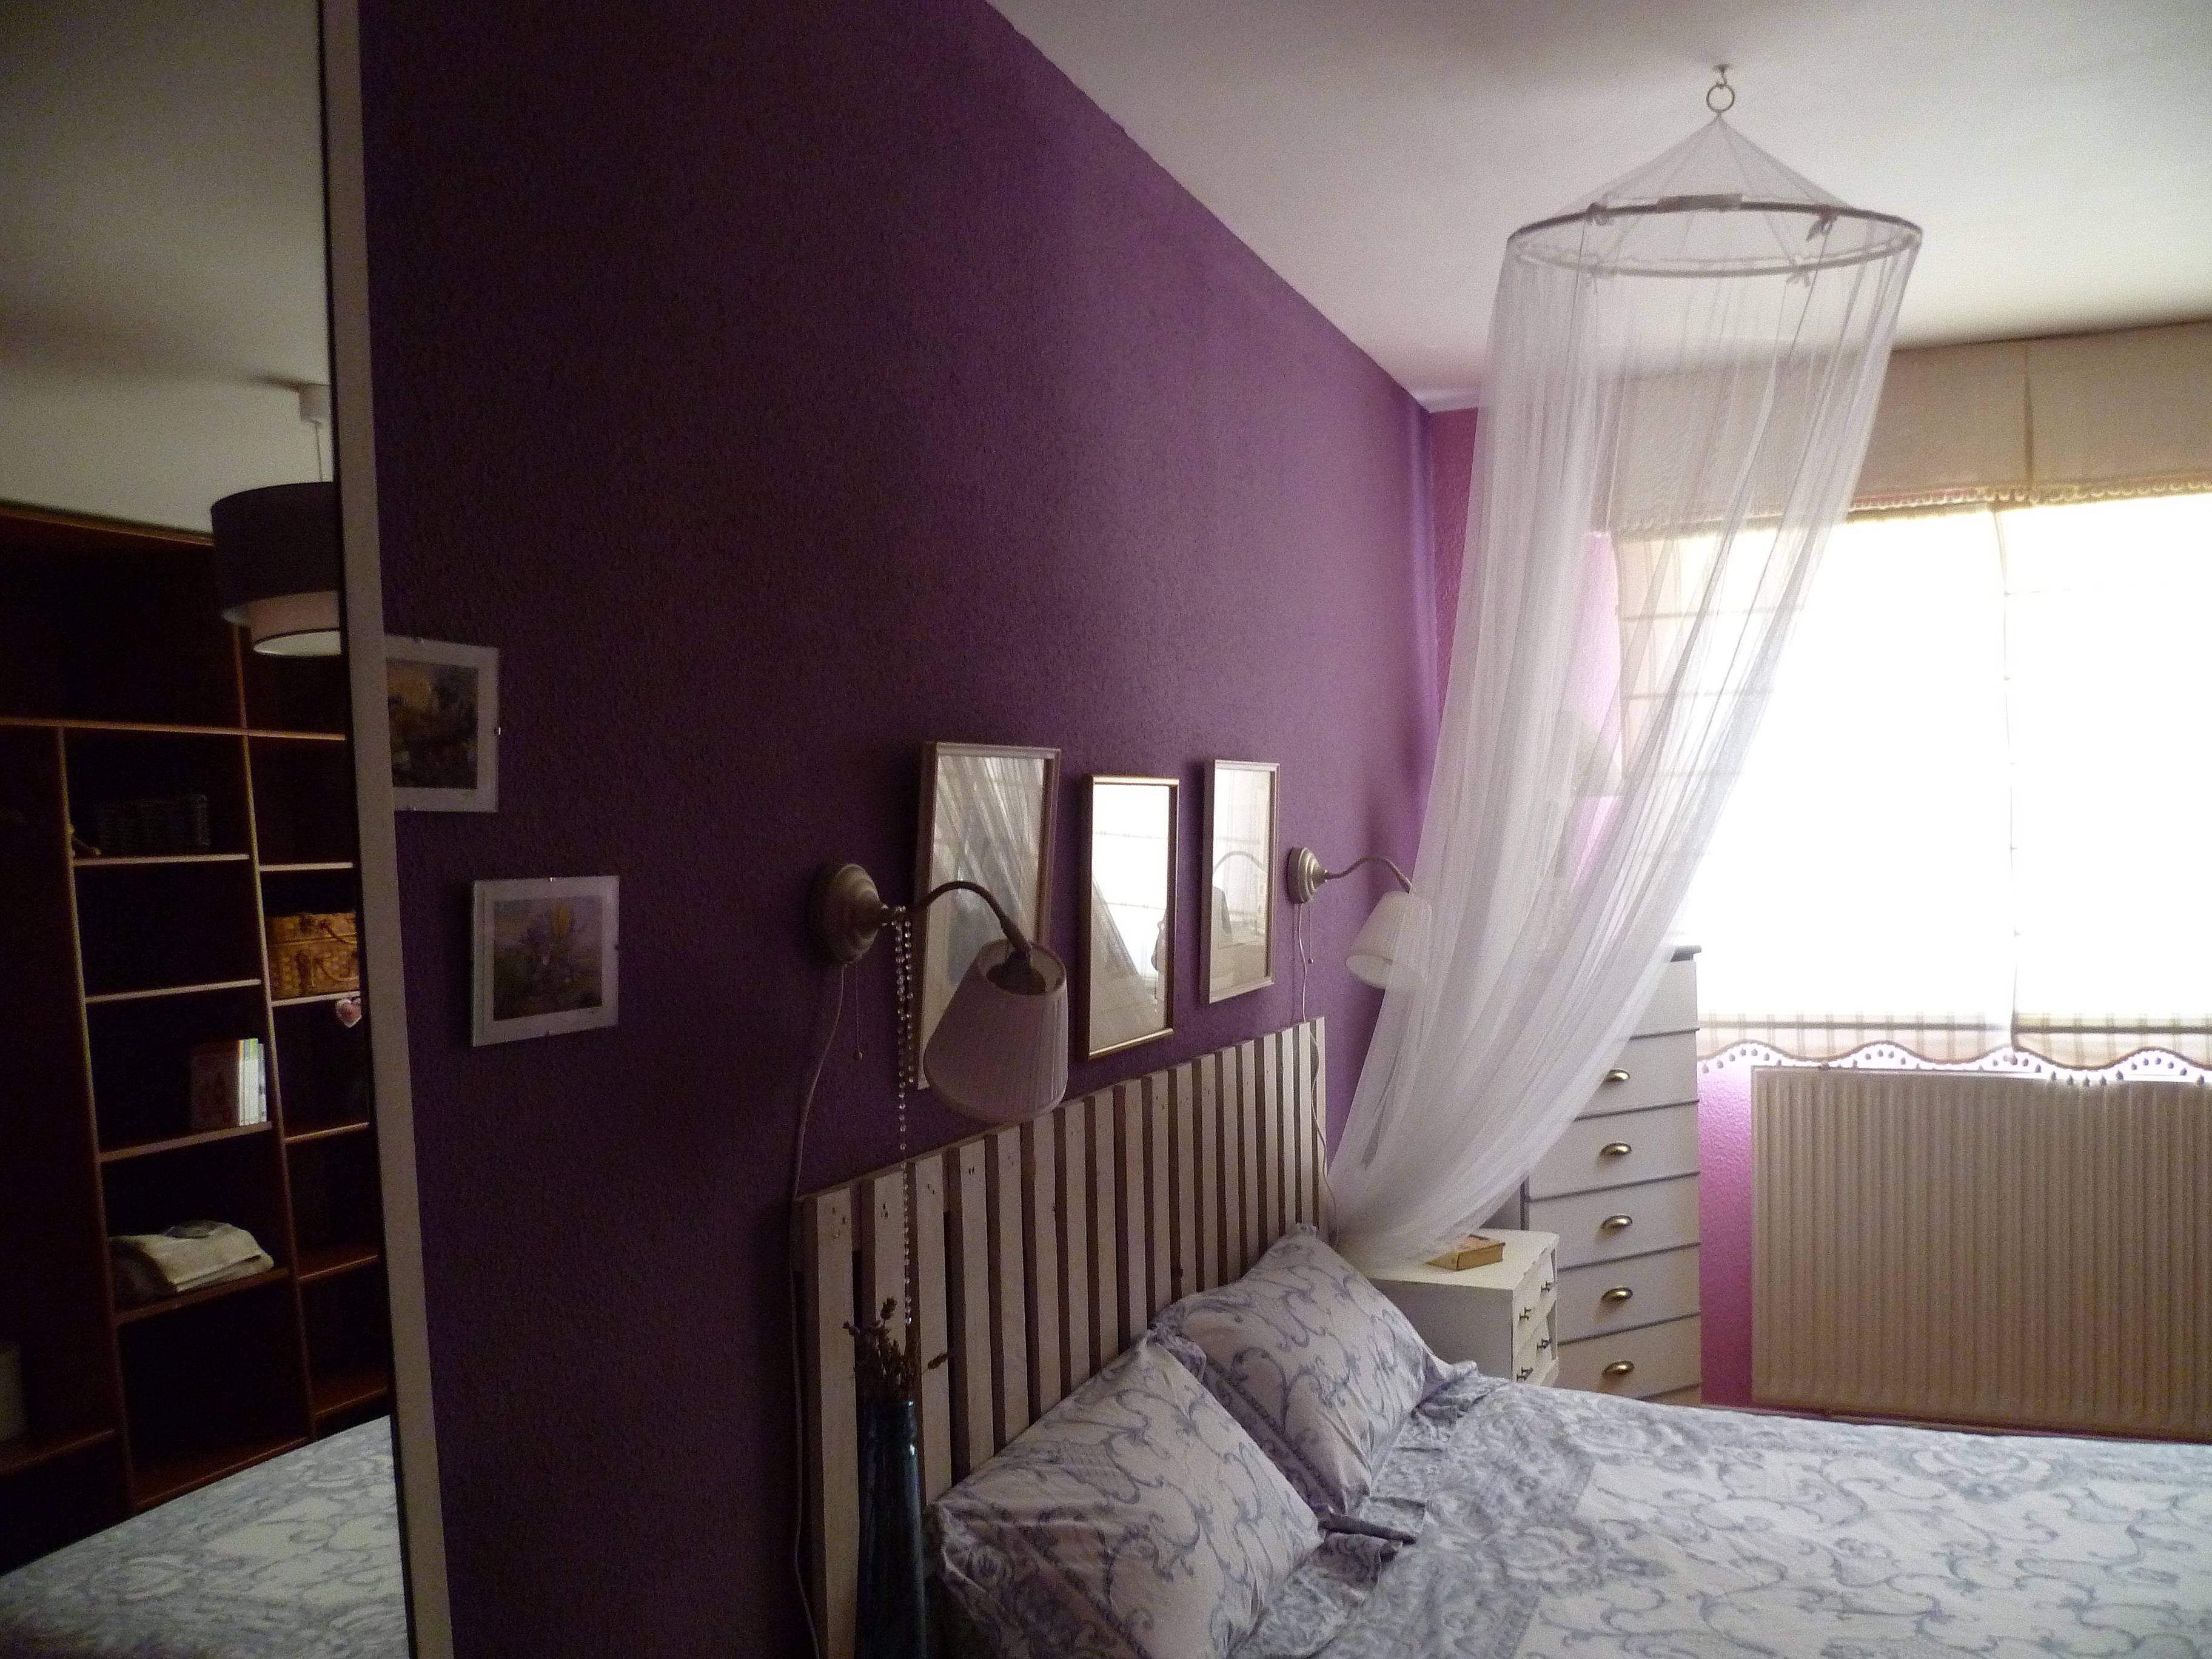 Apartamento en alquiler en logro o centro logro o rioja la camino de santiago franc s - Alquiler casa logrono ...